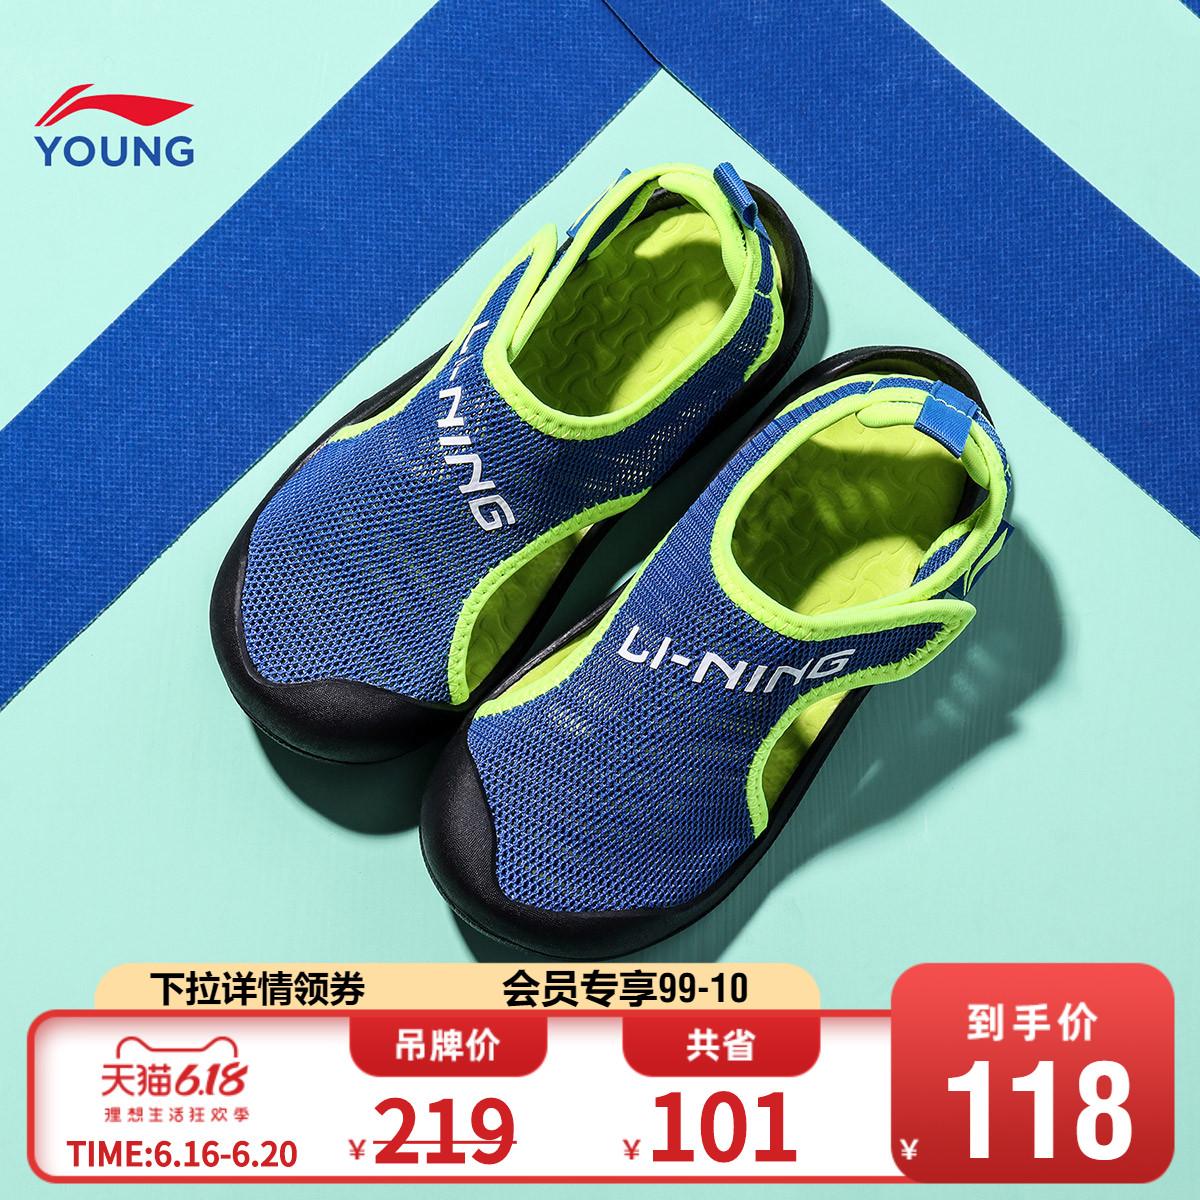 点击查看商品:李宁童鞋凉鞋男女小童2020新款运动休闲透气低帮运动鞋